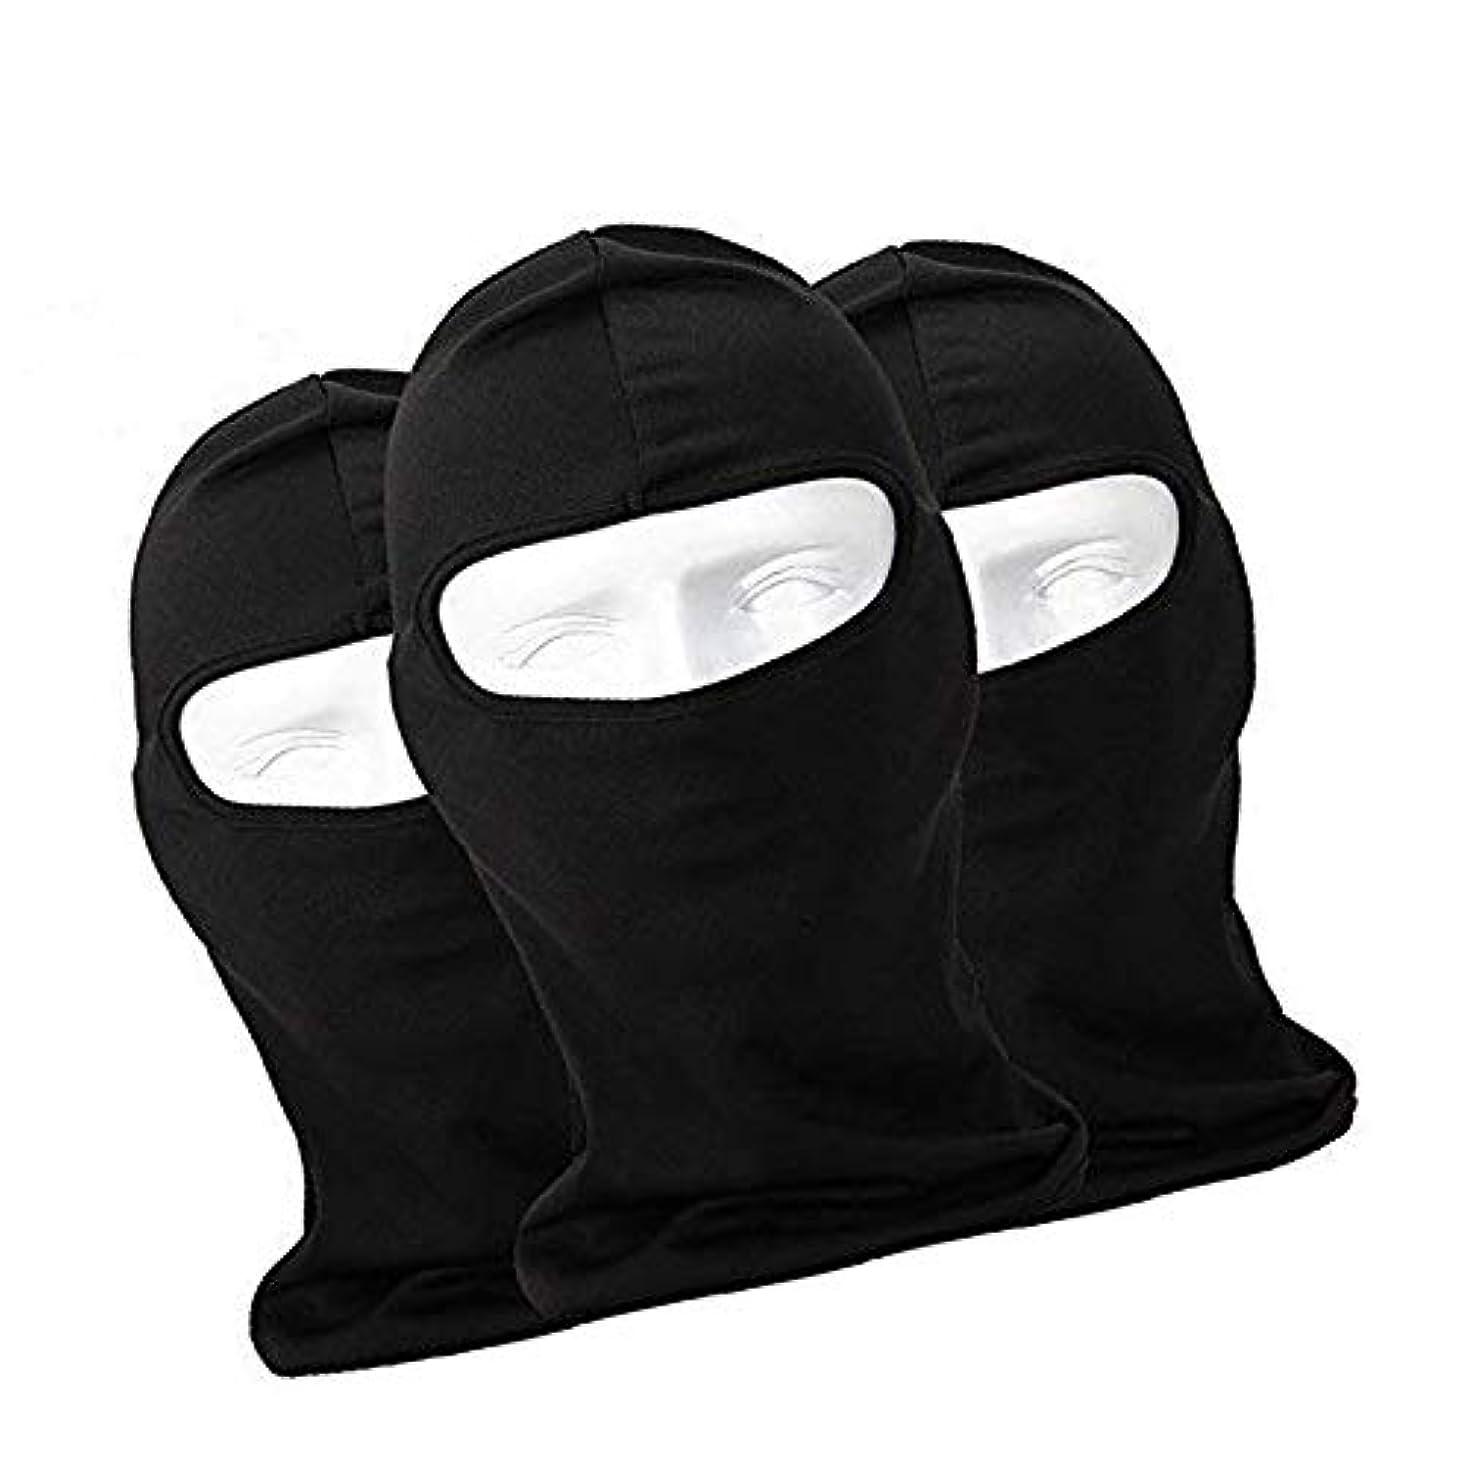 フェイスマスク 通気 速乾 ヘッドウェア ライクラ生地 目だし帽 バラクラバ 保温 UVカット,ブラック,3枚